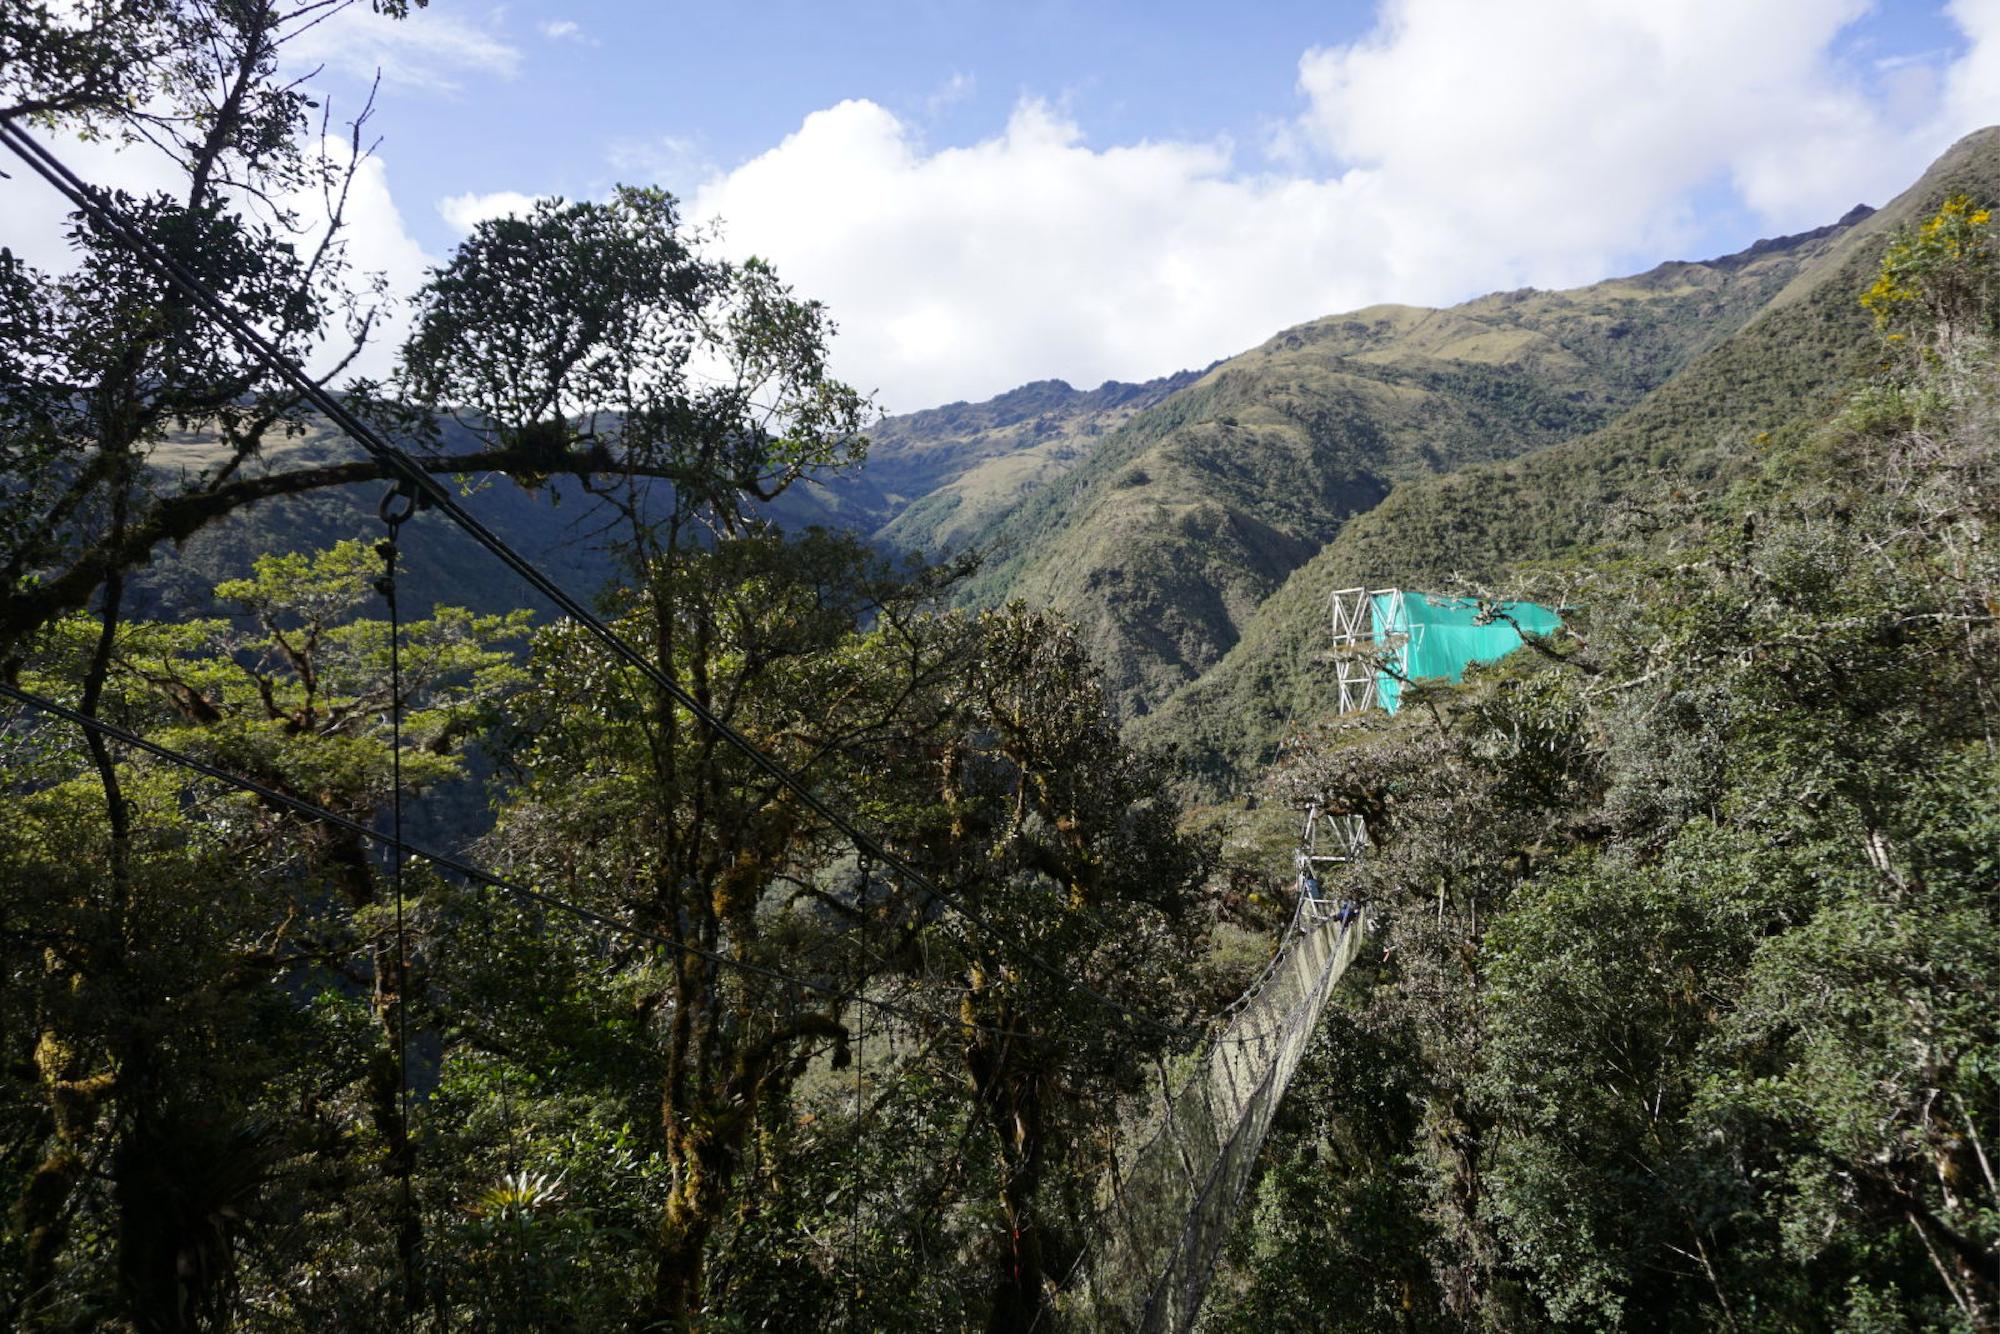 Para el experimento se ha instalado gigantescas mallas de 40 metros de alto que rodean una extensión de 30 por 30 metros del bosque nublado. Foto: Daniel Setiawan.